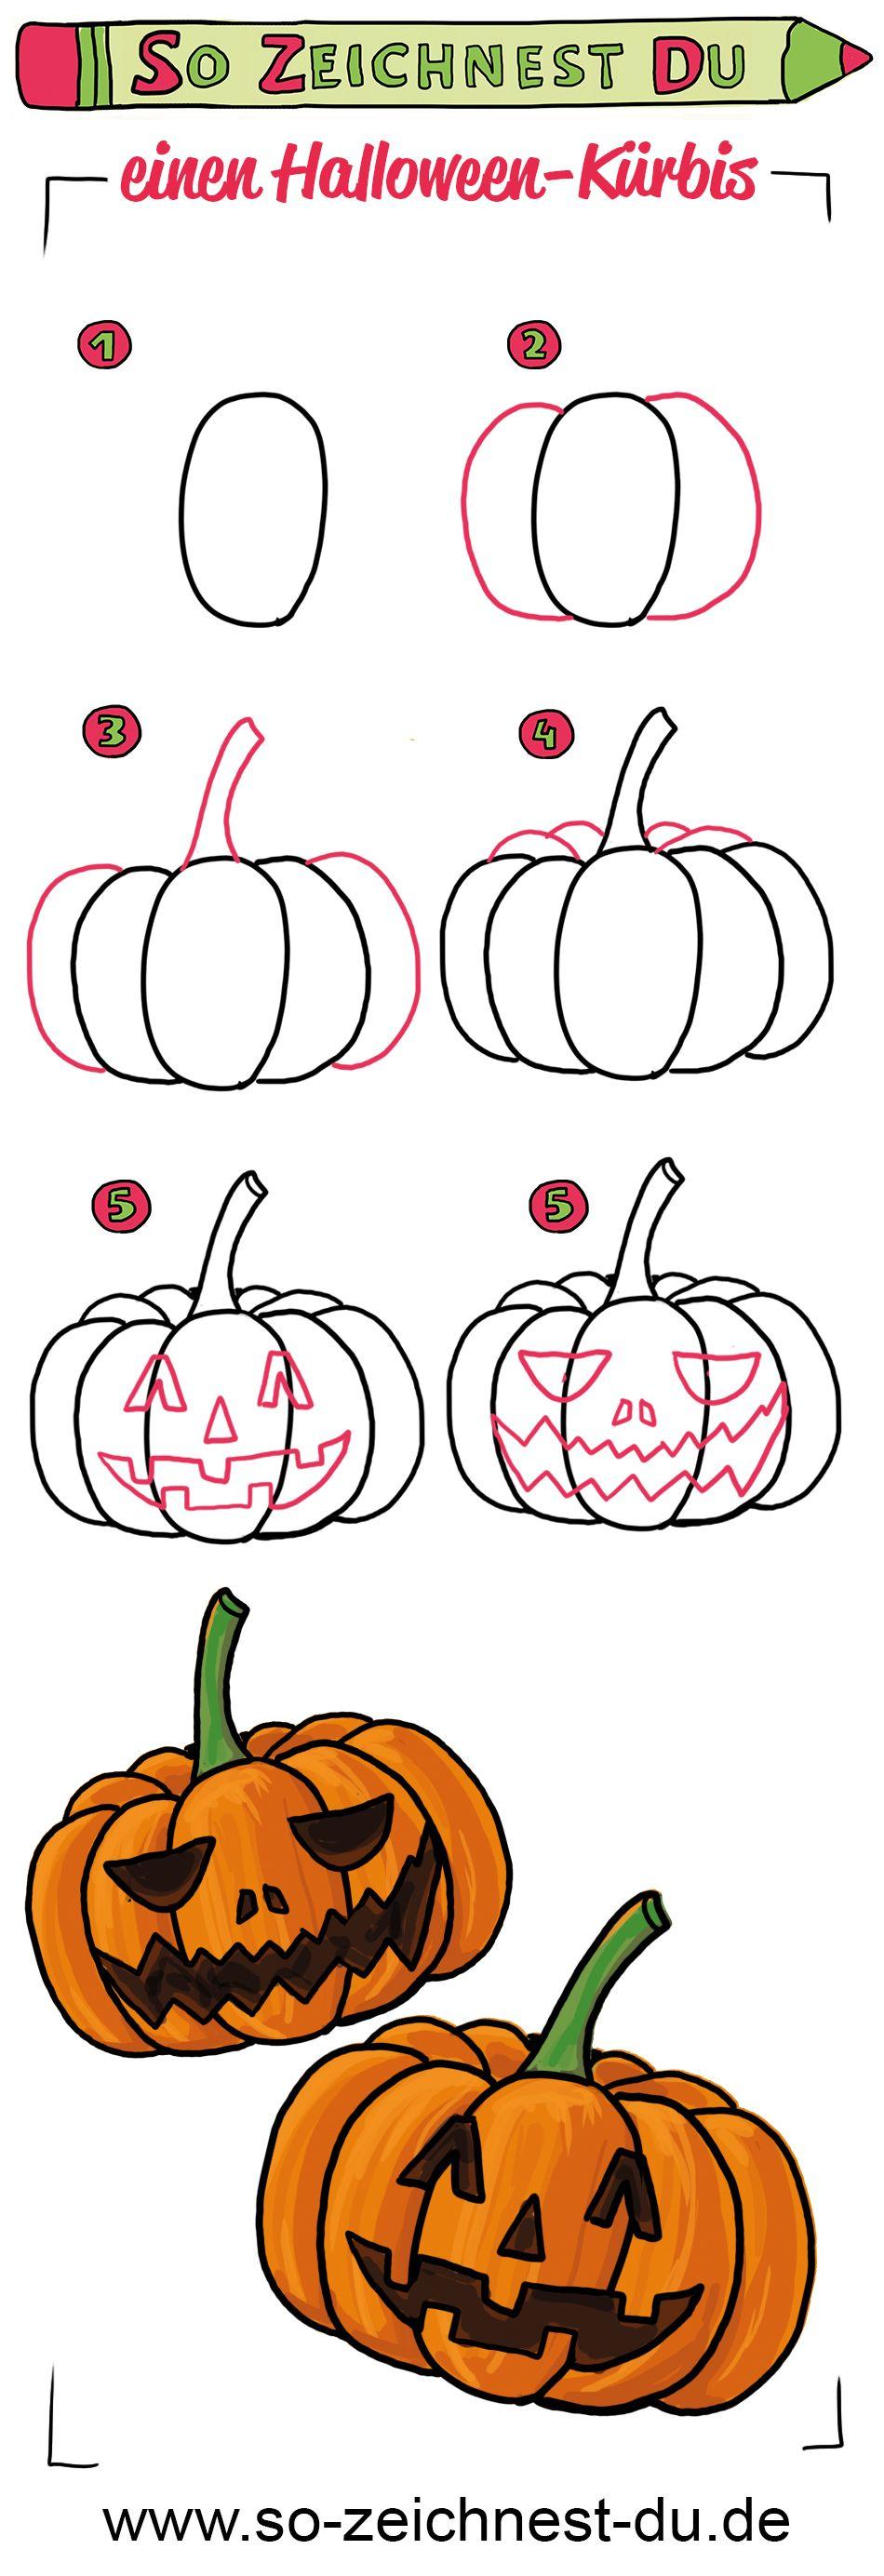 So Zeichnest Du Einen Halloween Kurbis Zeichnen Lernen Fur Kinder Zeichnen Lernen Kurbis Malen